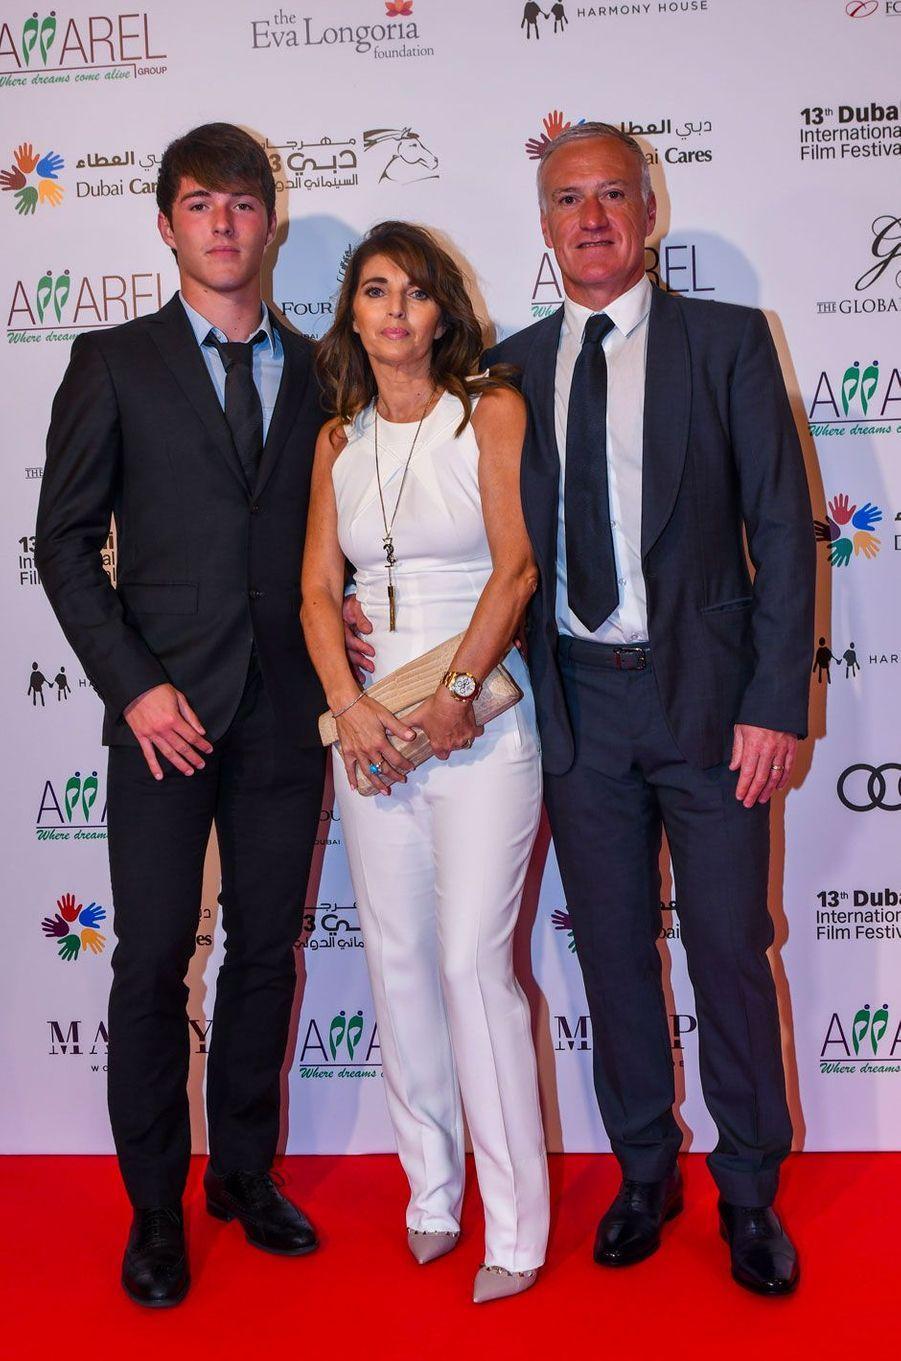 Didier et Claude Deschamps avec leur fils Dylan